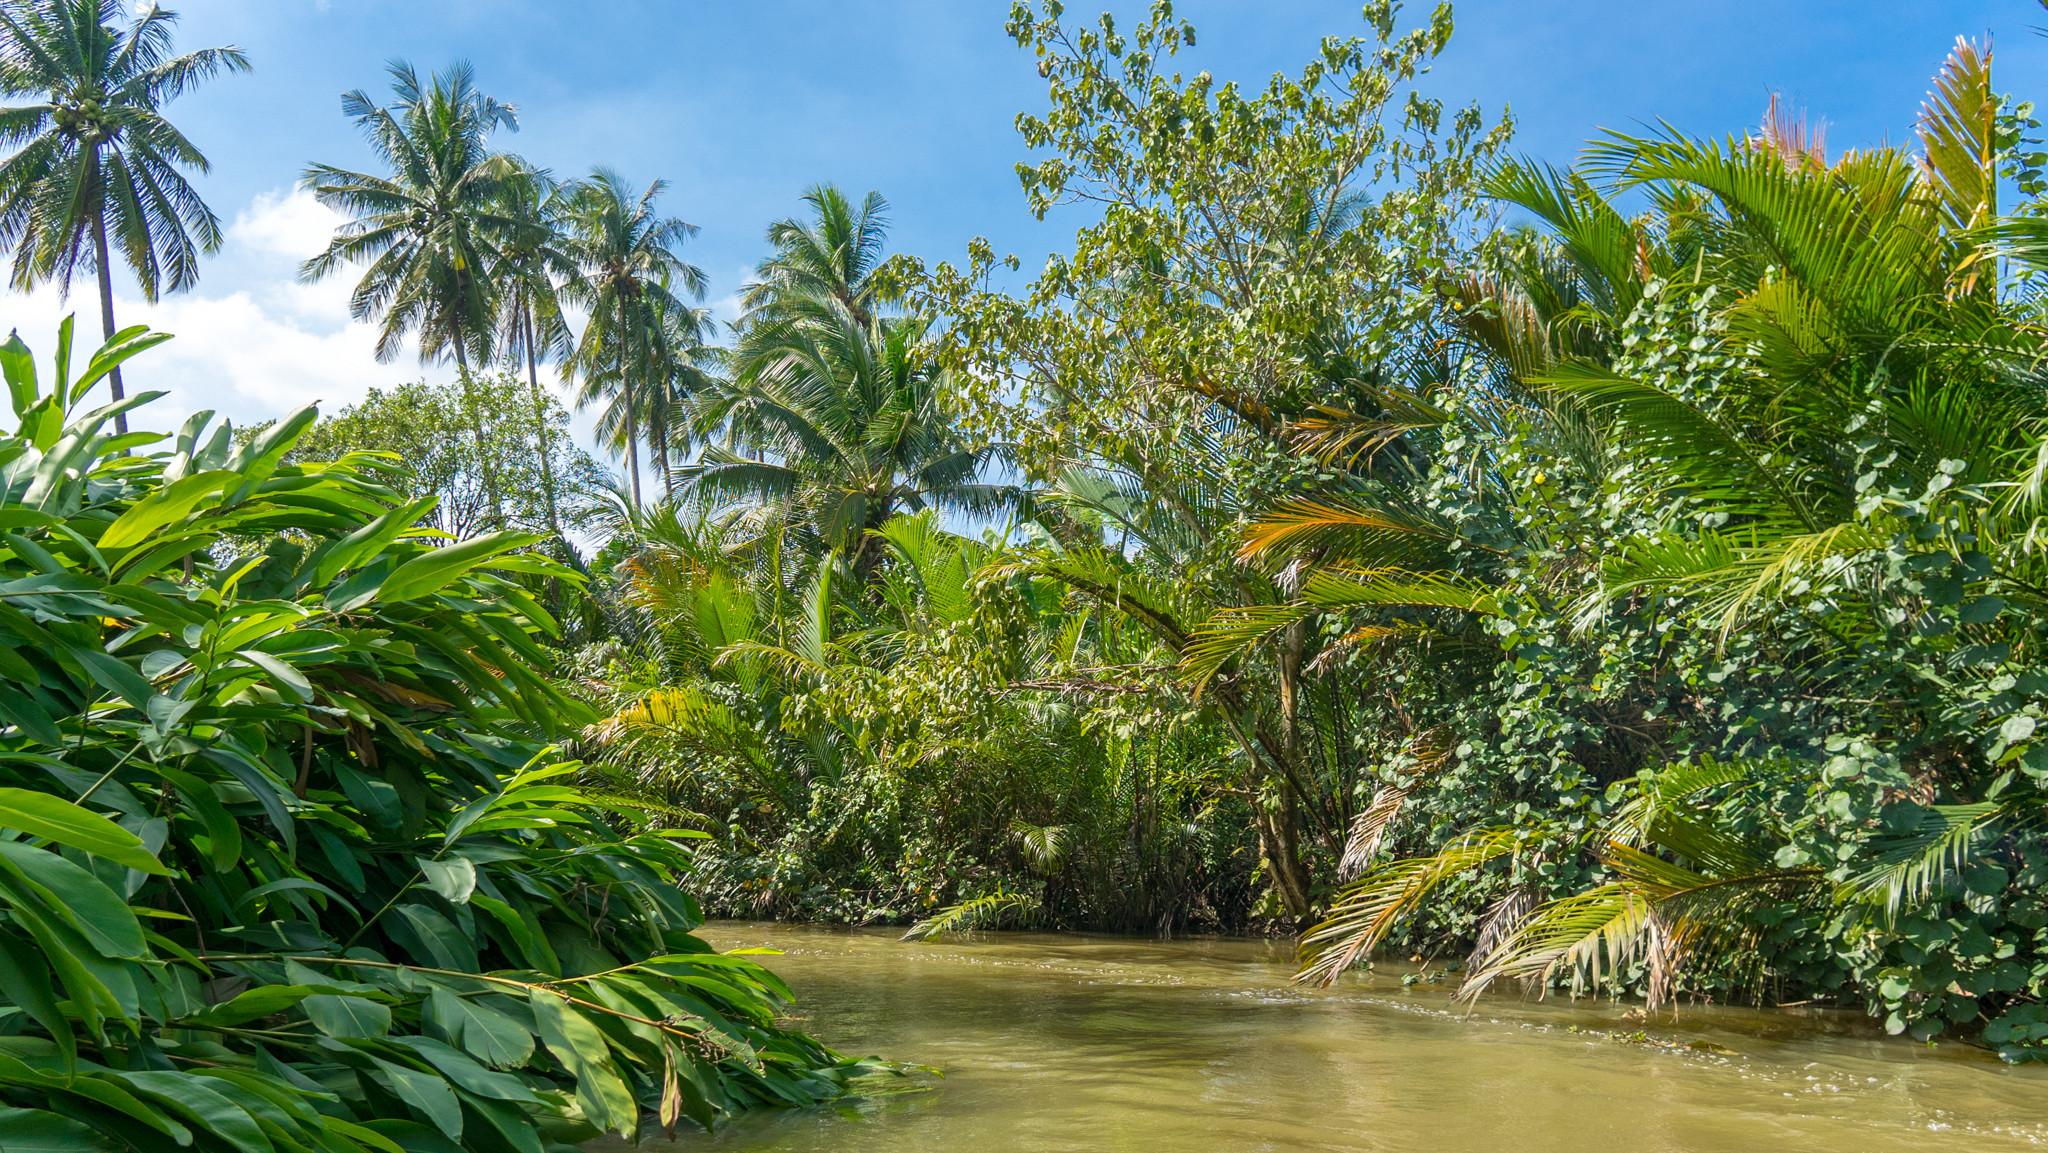 Plantation de cocotiers